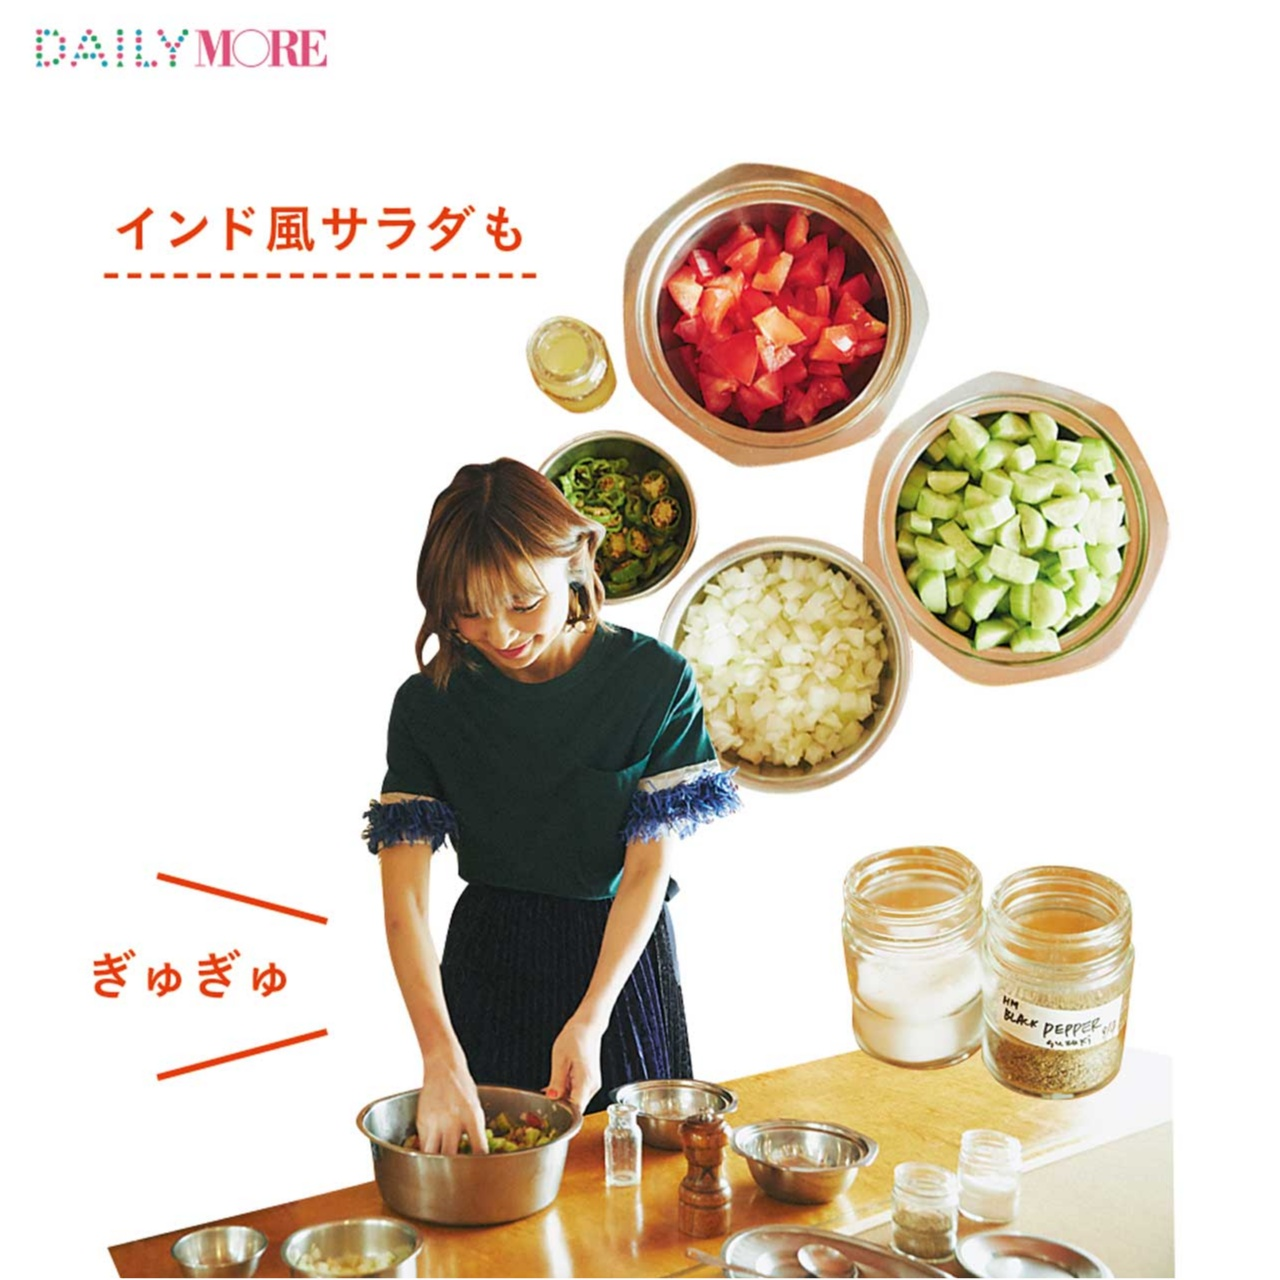 篠田麻里子が体験♡ 話題の「本格インド家庭料理」に行こう!【麻里子のナライゴトハジメ】_2_4